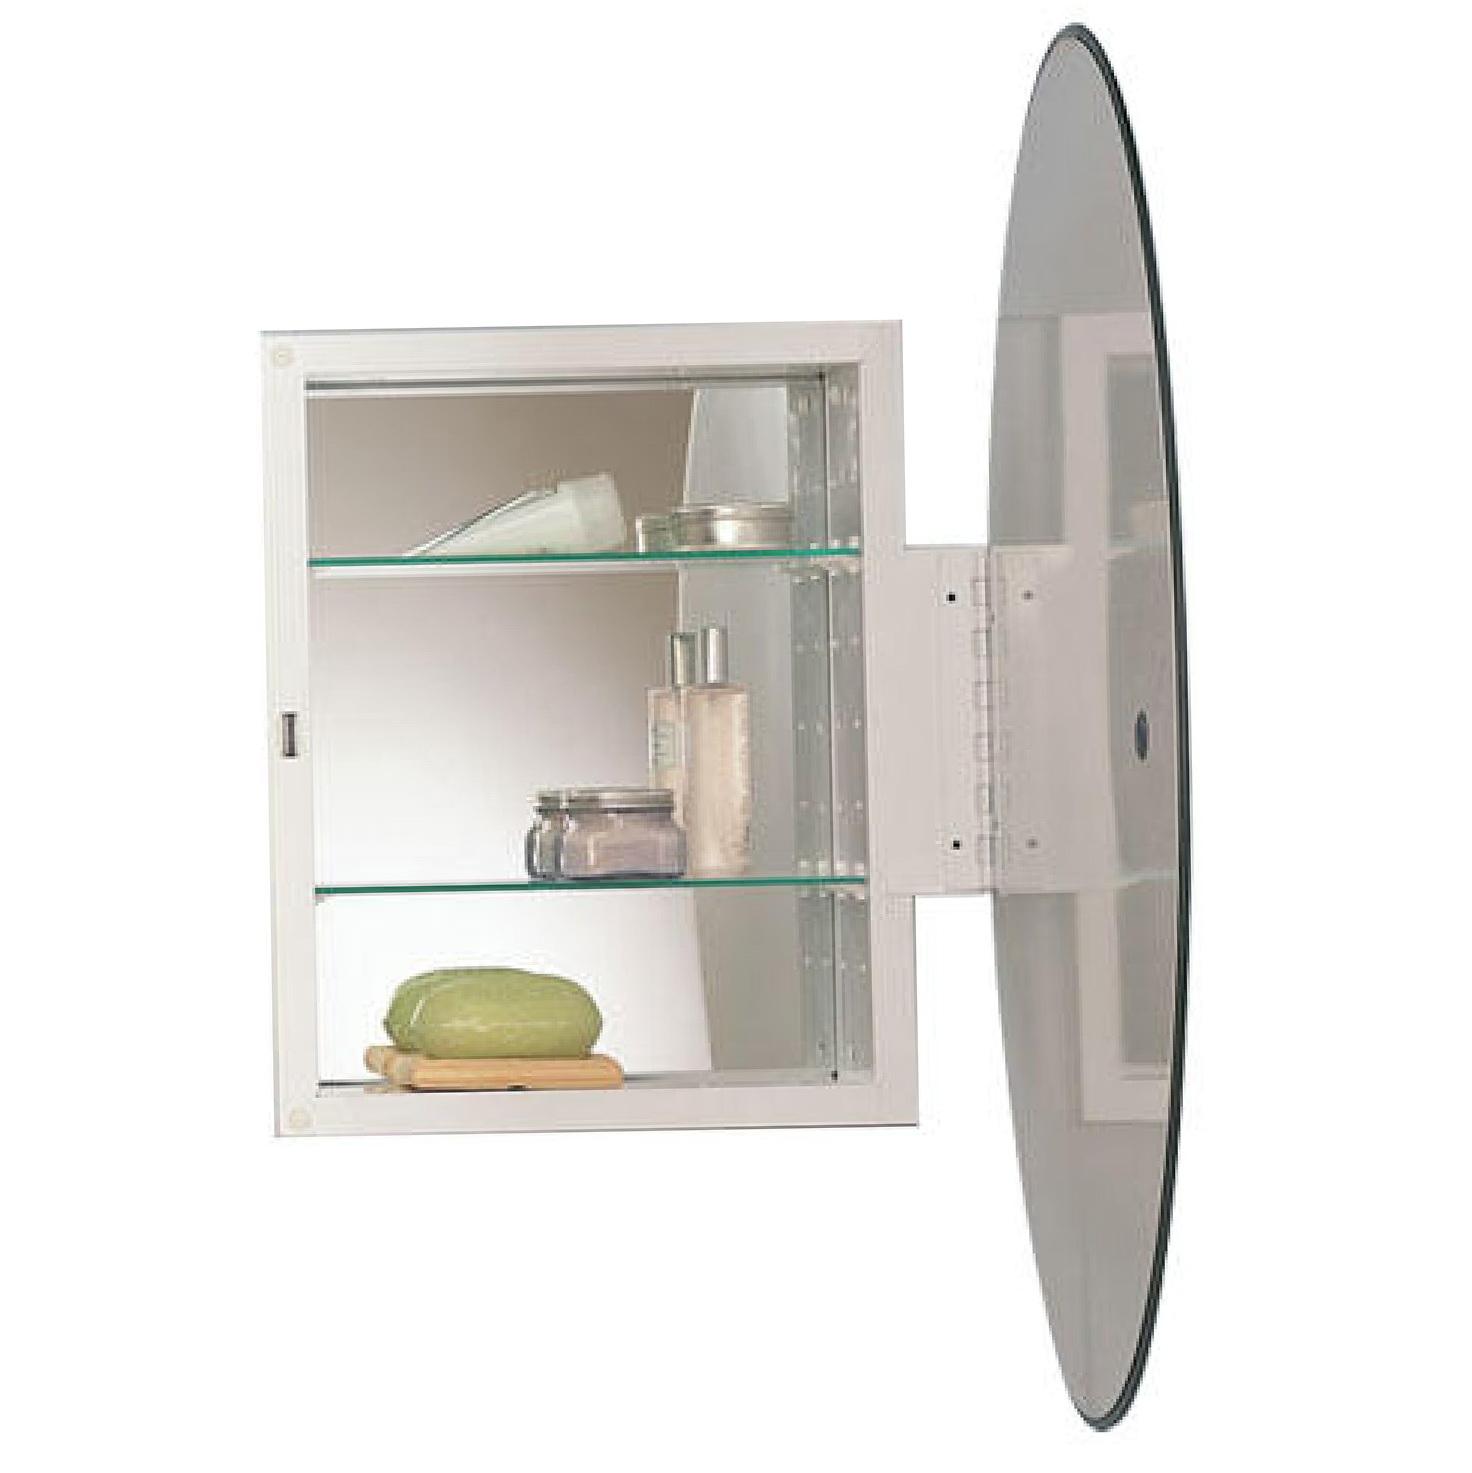 Oval Medicine Cabinet Recessed